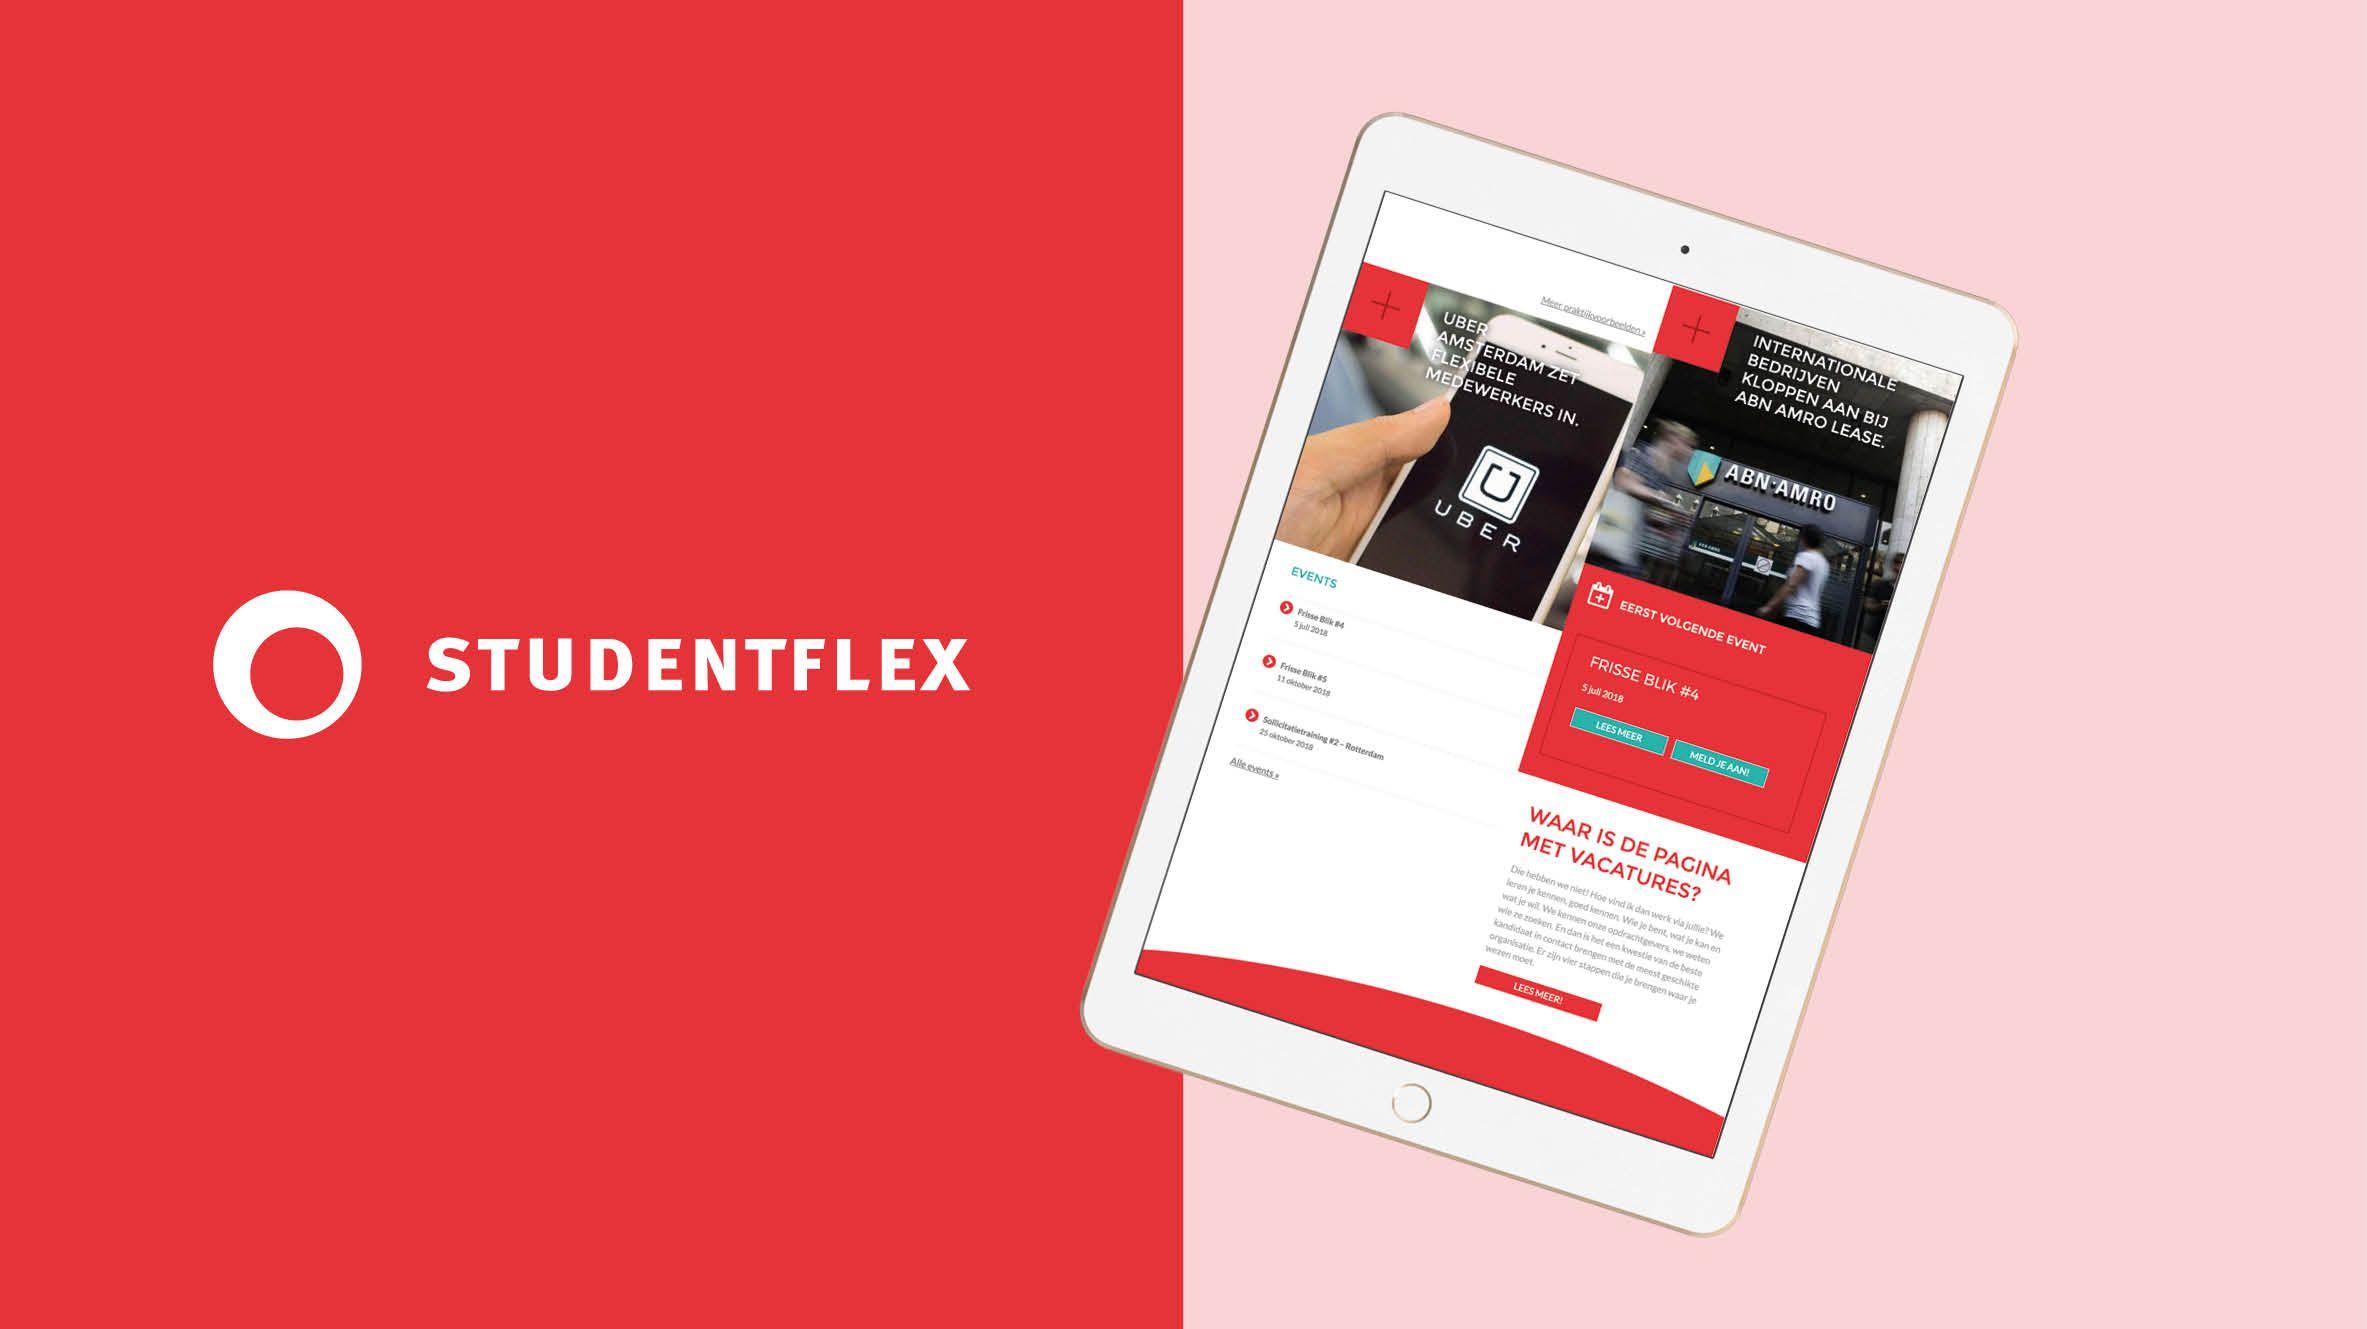 Studenflex